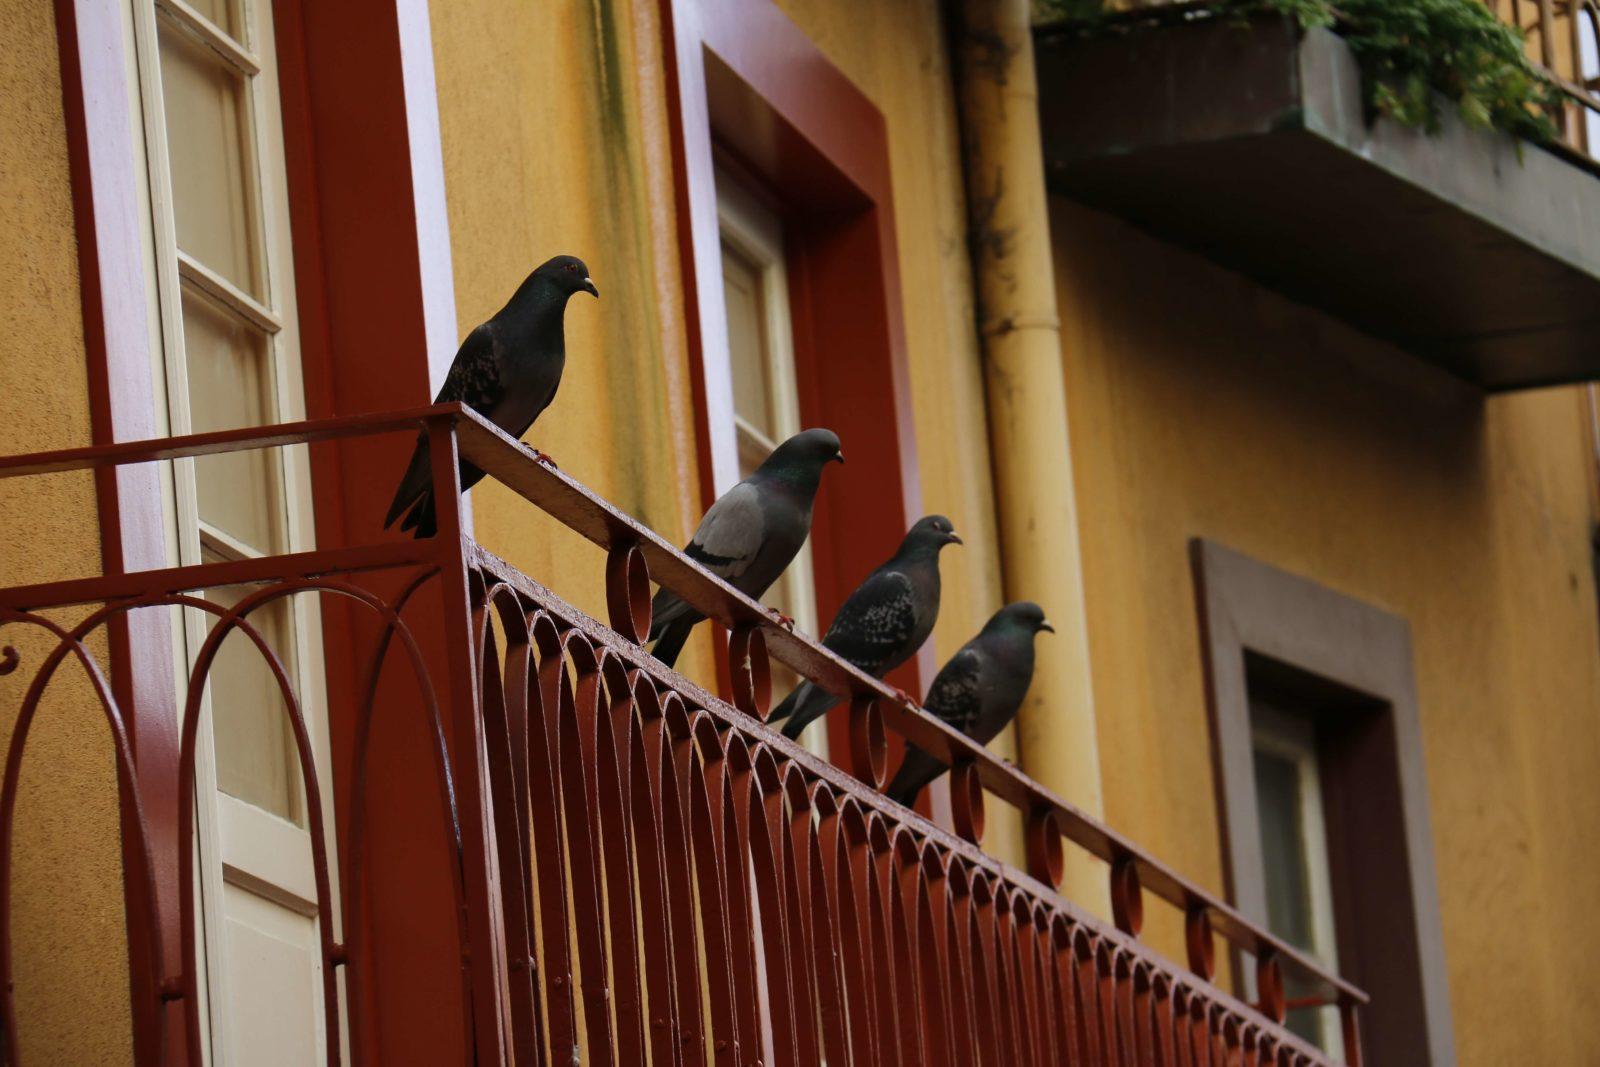 Птица залетела на балкон